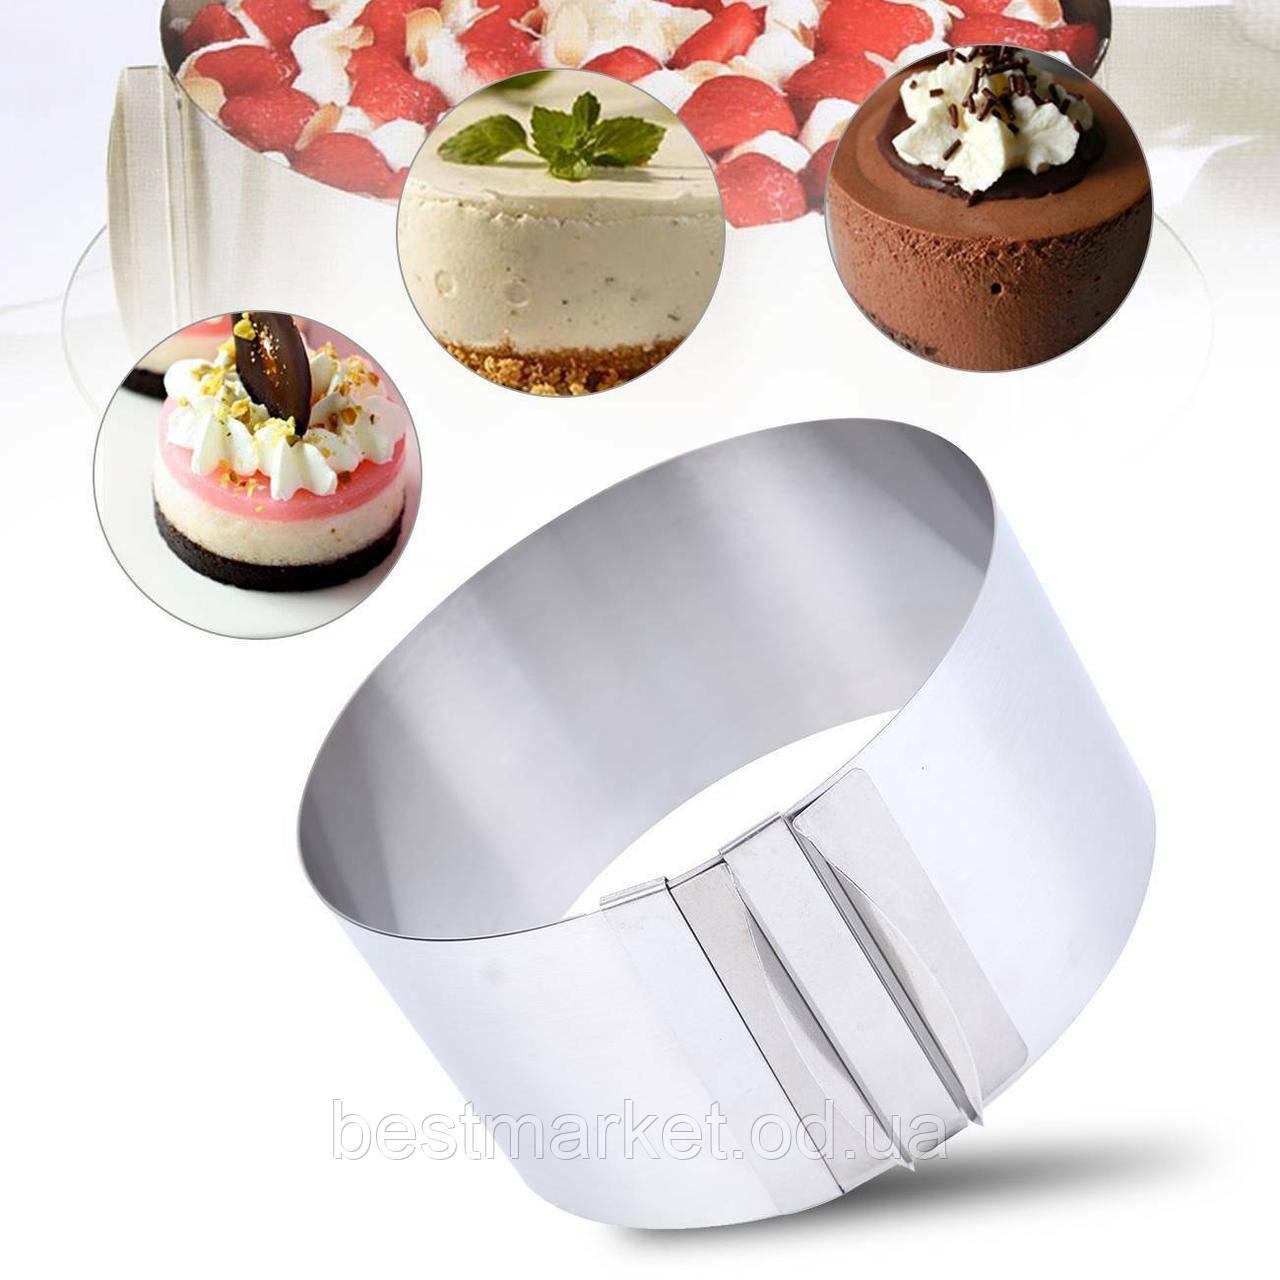 Форма для Выпечки Раздвижное Кольцо для Торта Scalable Cake Mould (d 16-30 см)